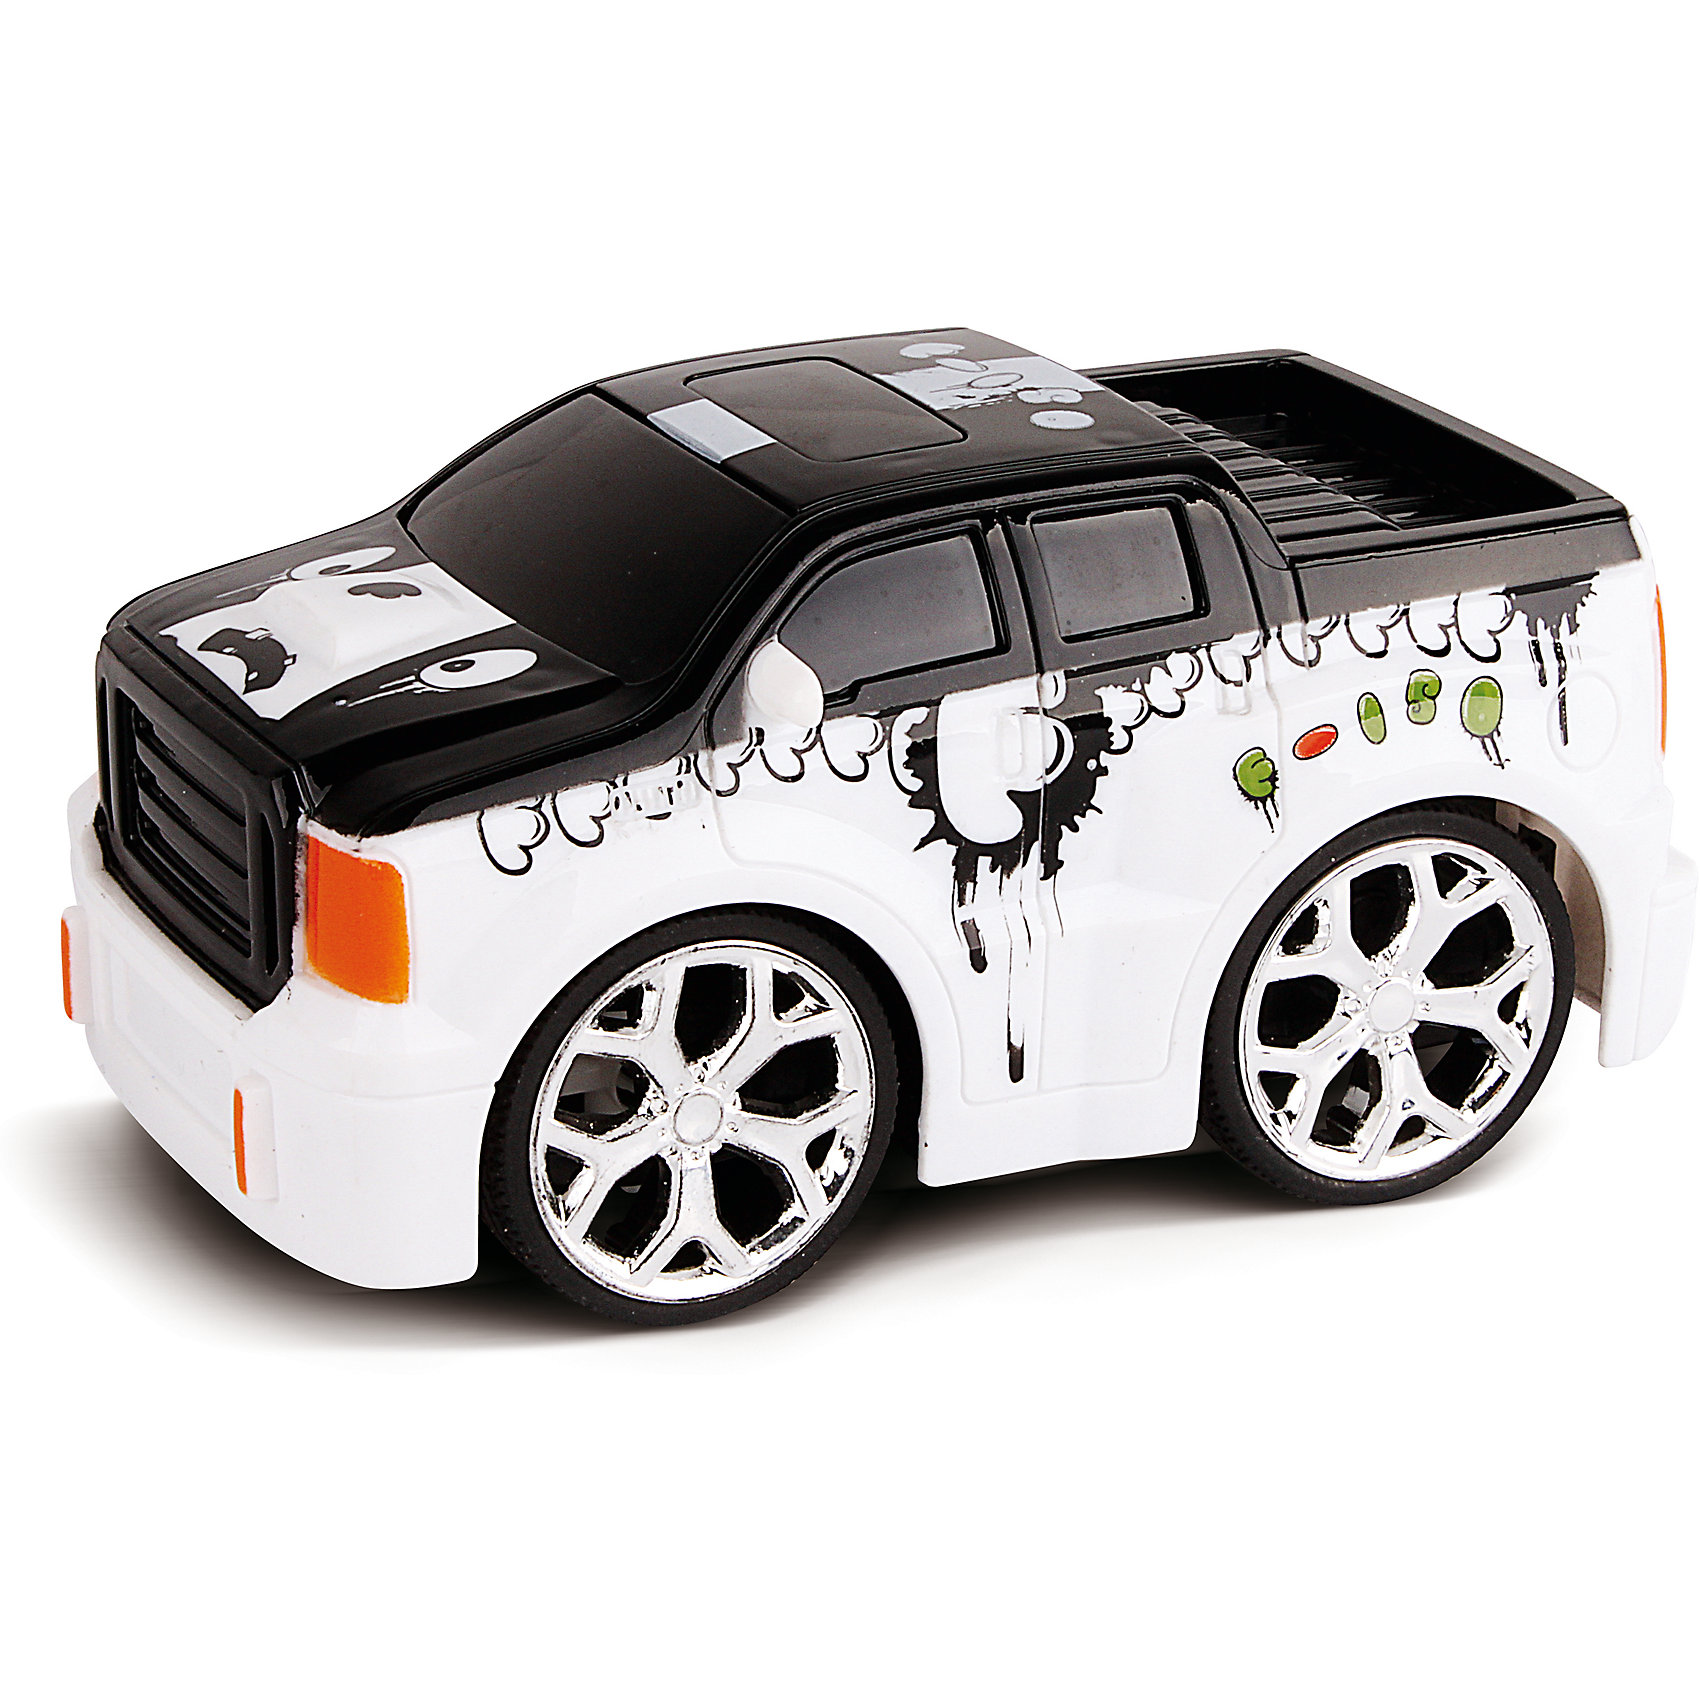 Машинка на радиоуправлении Mini, черная, Blue SeaРадиоуправляемый транспорт<br>Машинка на радиоуправлении Mini, черная, Blue Sea (Блу Сии).<br><br>Характеристики:<br><br>- Цвет: черный.<br>- Состав: пластик, металл.<br>- Радиоуправляемая игрушка.<br>- В комплекте: машинка, пульт управления.<br><br>Внимание: элементы питания в комплект не входят!<br><br>Машинка на радиоуправлении Mini, черный – это один из представителей яркой серии машинок Mini Car от бренда Blue Sea (Блу Сии). Она проста в управлении, двигается вперед, назад, влево и вправо. Для того, чтобы начать играть, достаточно просто докупить элементы питания для машинки и пульта управления. Вашему малышу обязательно понравятся простота управления и необычный дизайн в виде яркого внедорожника.<br><br>Машинку на радиоуправлении Mini, черную, Blue Sea(Блу Сии), можно купить в нашем интернет – магазине.<br><br>Ширина мм: 210<br>Глубина мм: 110<br>Высота мм: 110<br>Вес г: 300<br>Возраст от месяцев: 36<br>Возраст до месяцев: 2147483647<br>Пол: Мужской<br>Возраст: Детский<br>SKU: 5419373